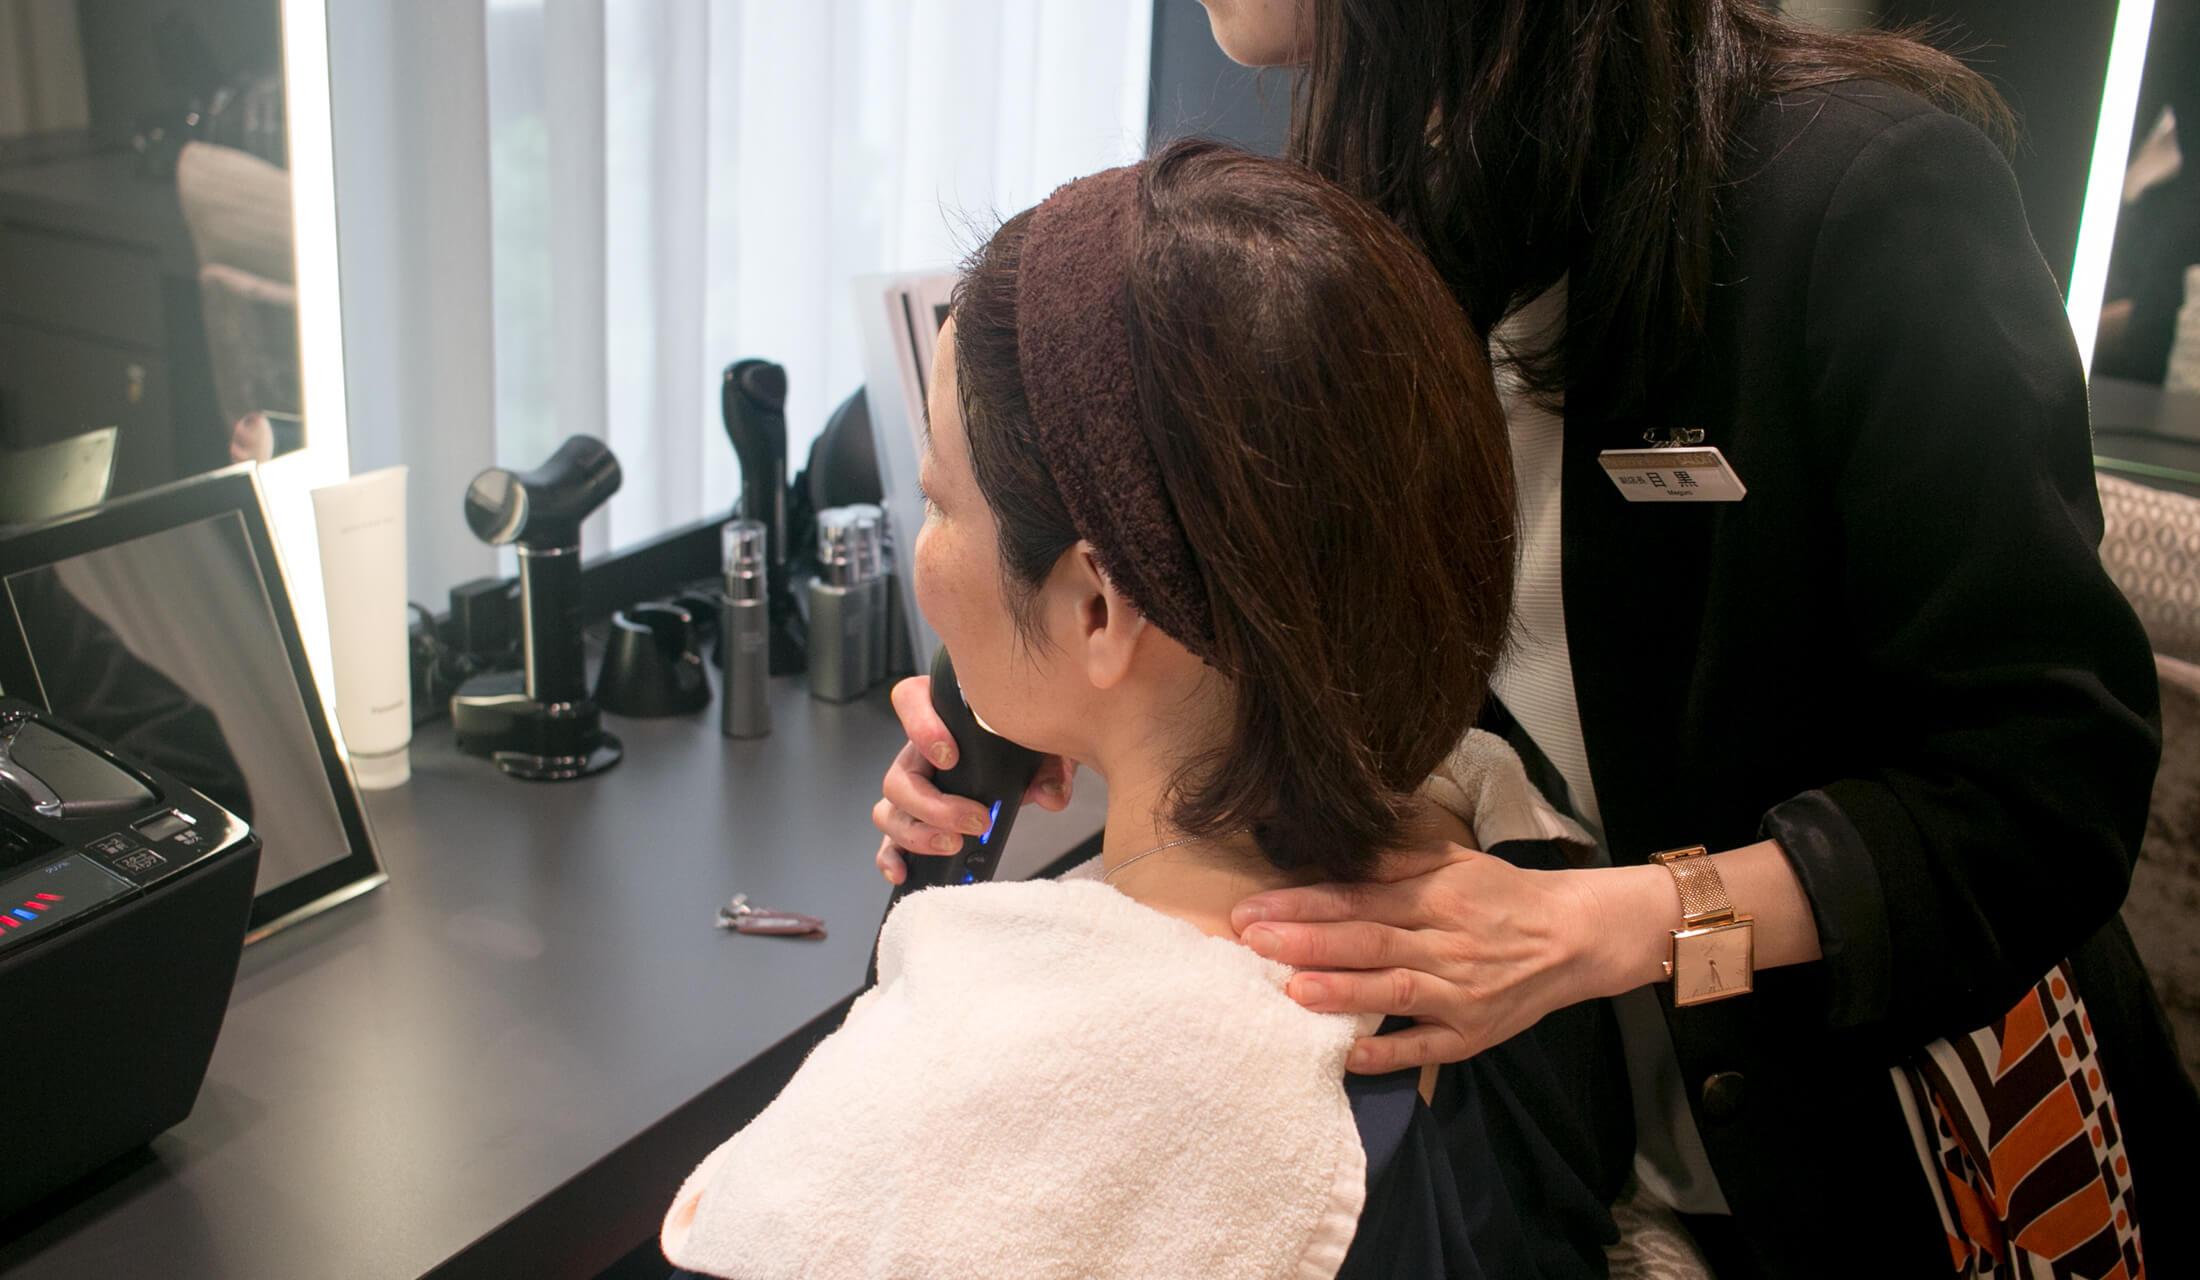 鏡の前に座った女性が、別の女性に美容家電を頬に当ててもらっている